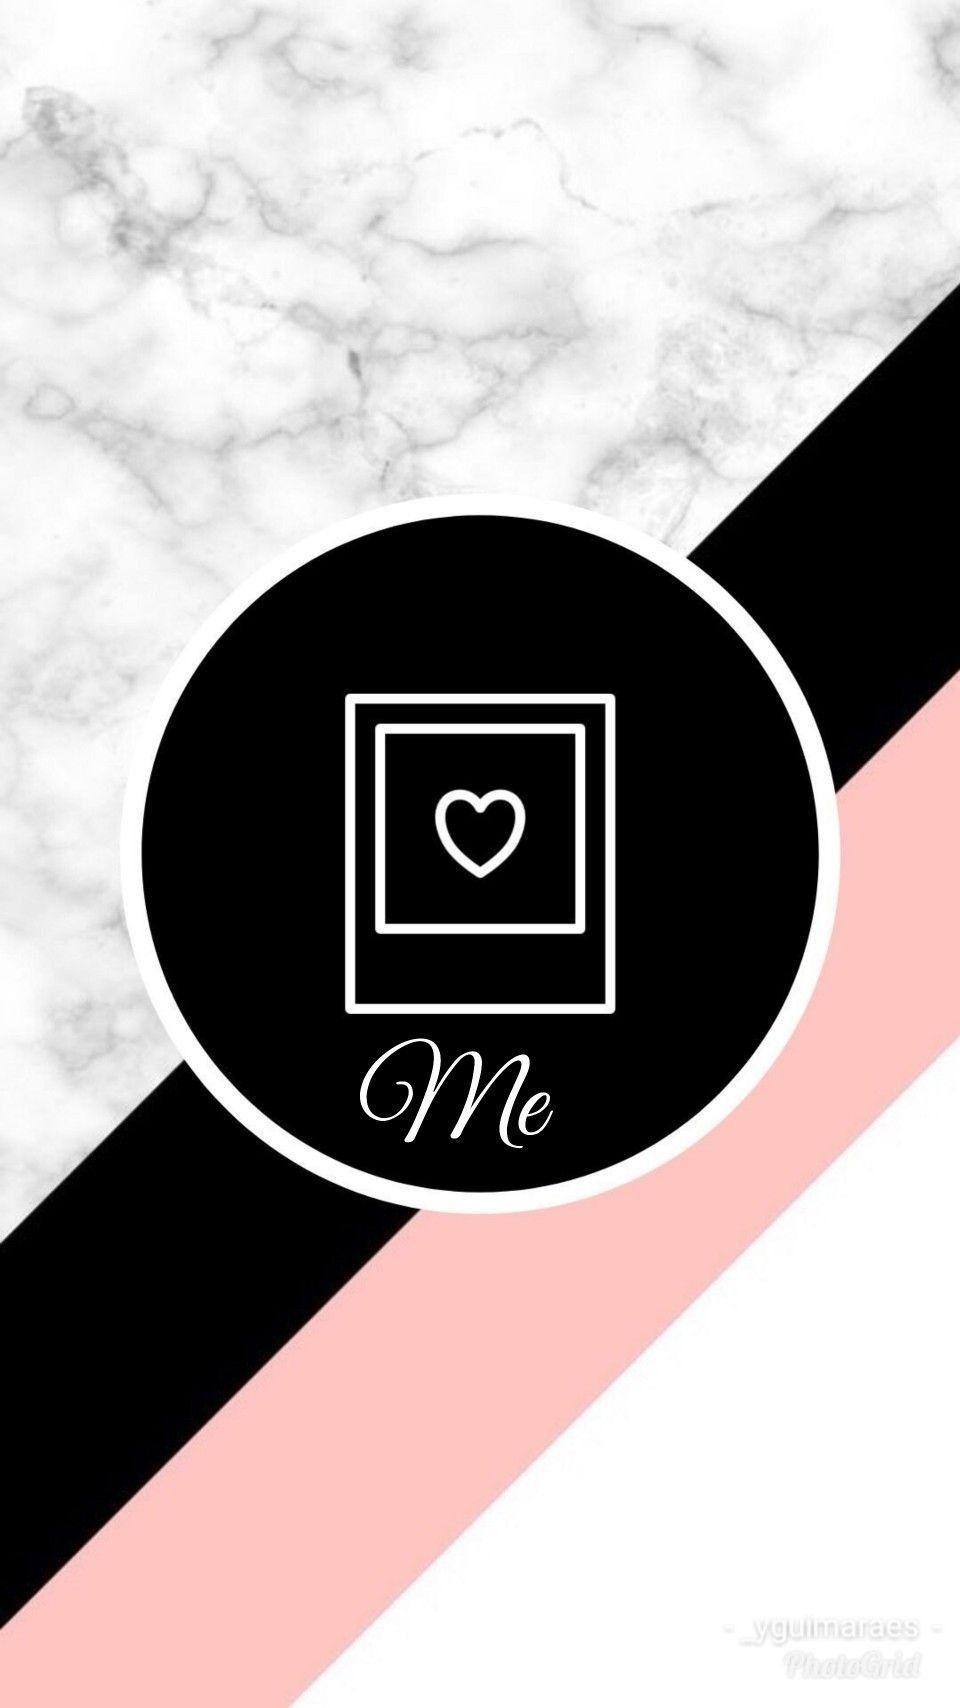 Pin De Andjela En Instagram Icons En 2020 Imagenes Instagram